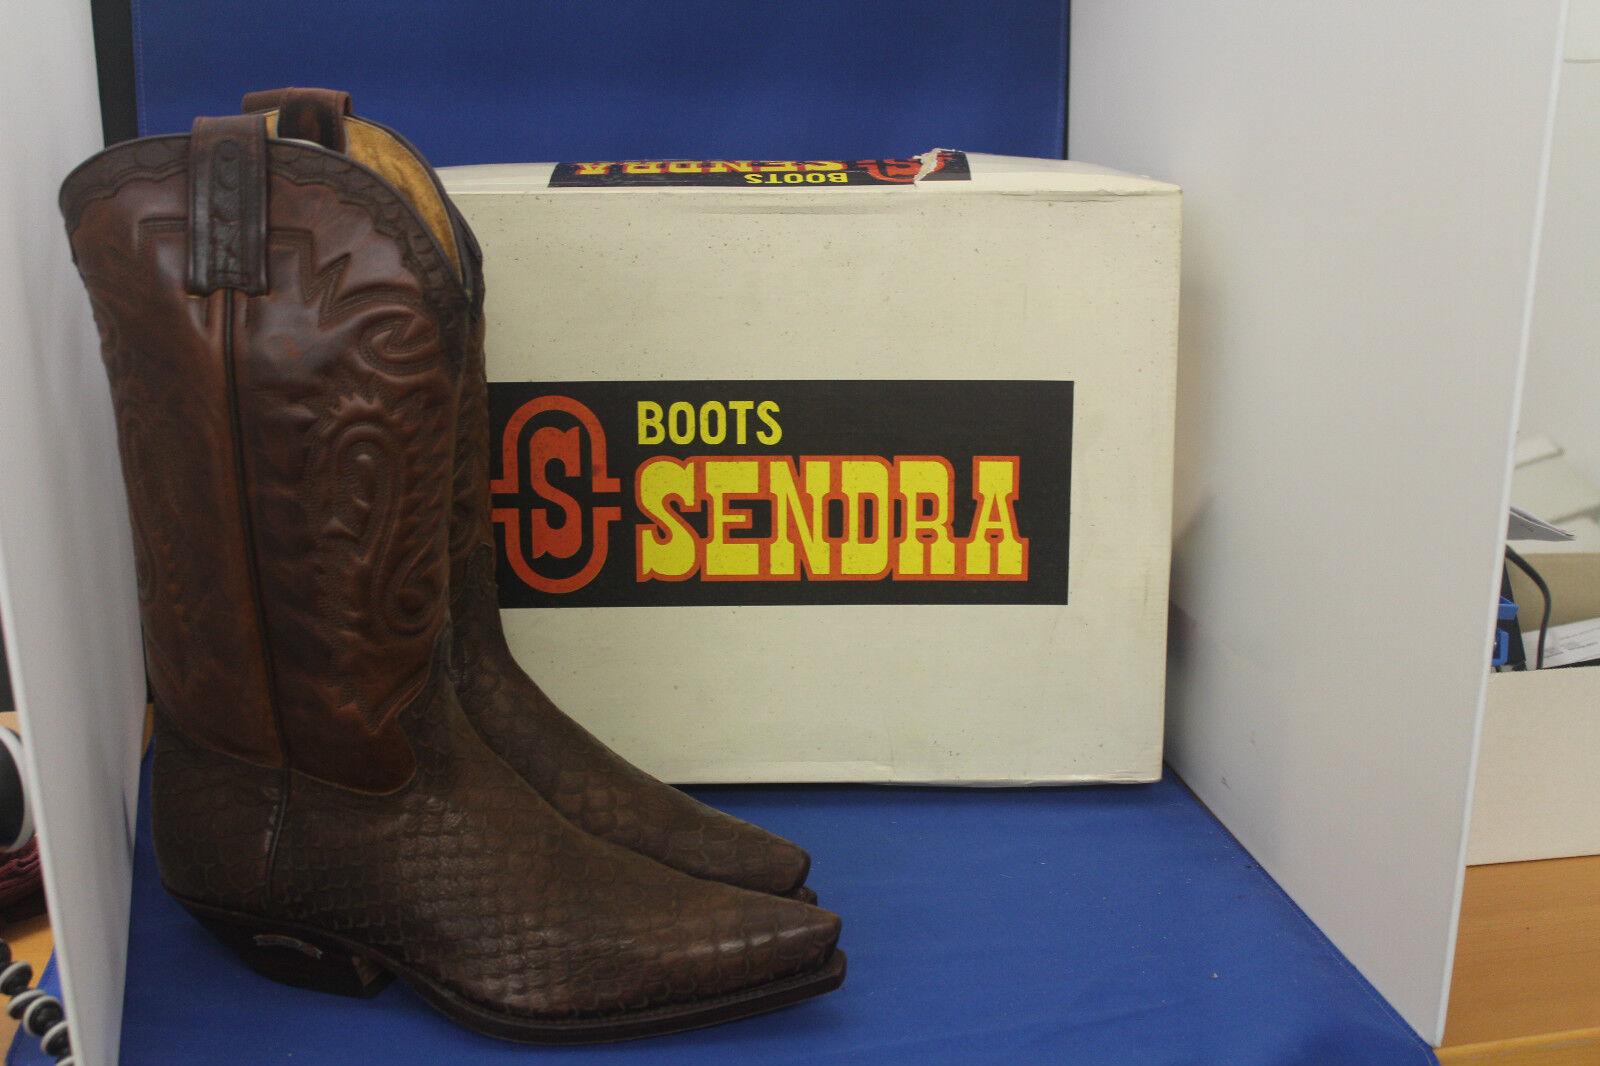 Sendra botas vaqueras botas Western botas nuevo Strauss marrón Cowboy botas GR. 45